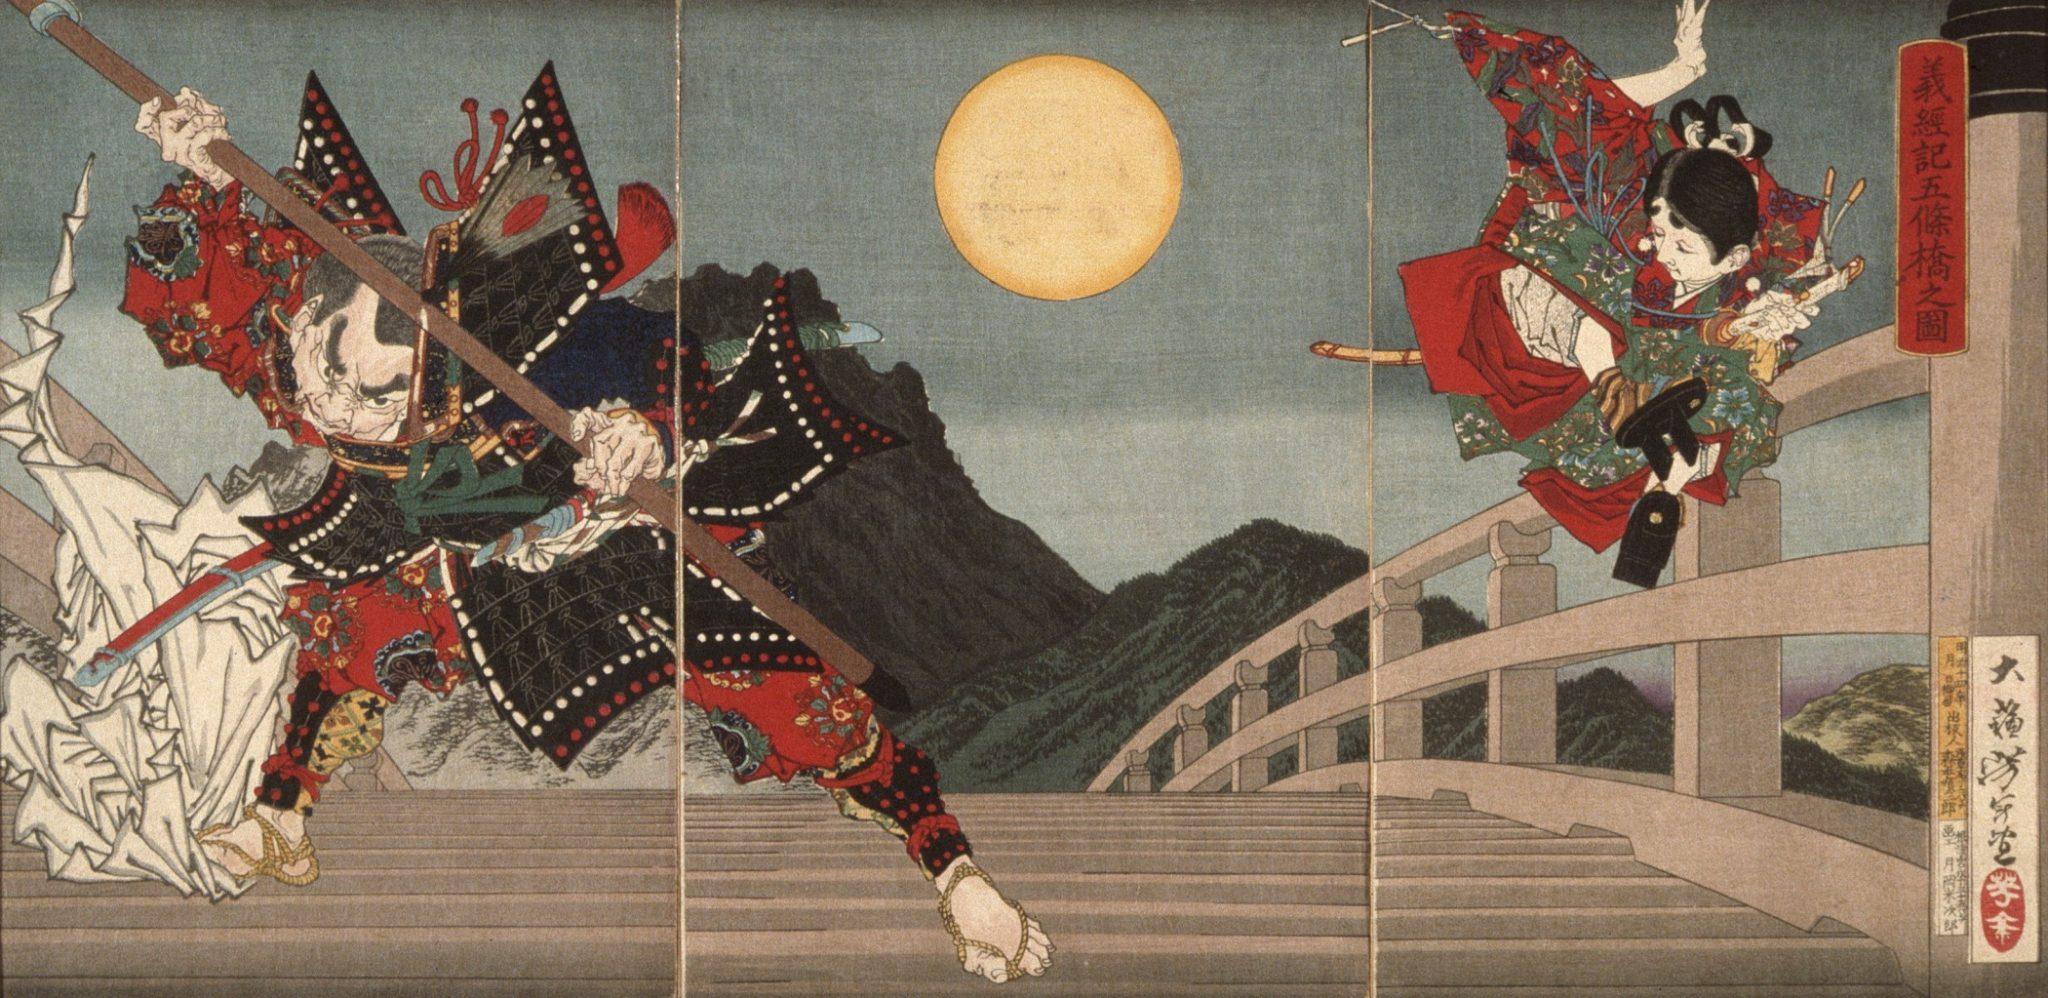 Duel at Gojou Bridge. Art by Tsukioka Yoshitoshi ( 1839-1892)